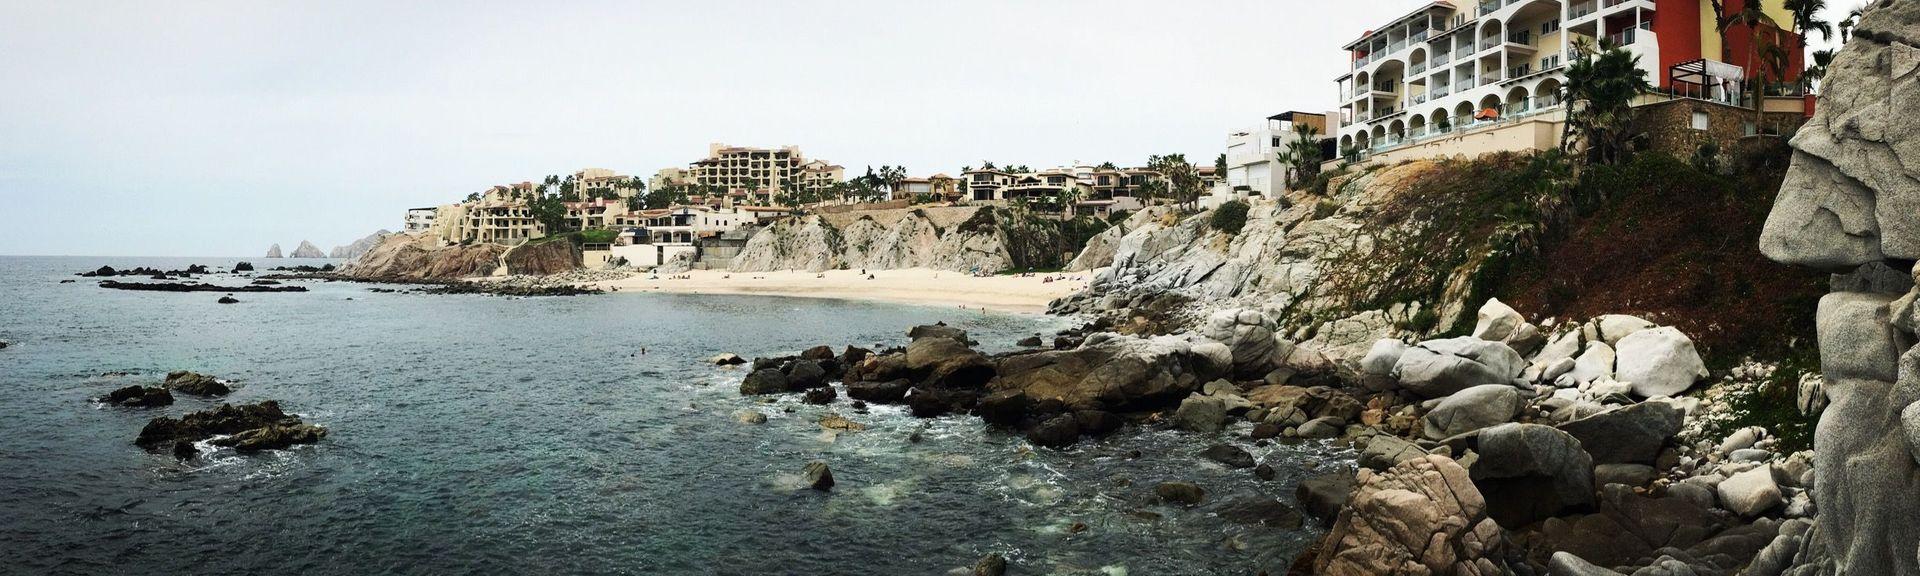 Cabo Bello (Cabo San Lucas, Baja California Sur, Mexico)